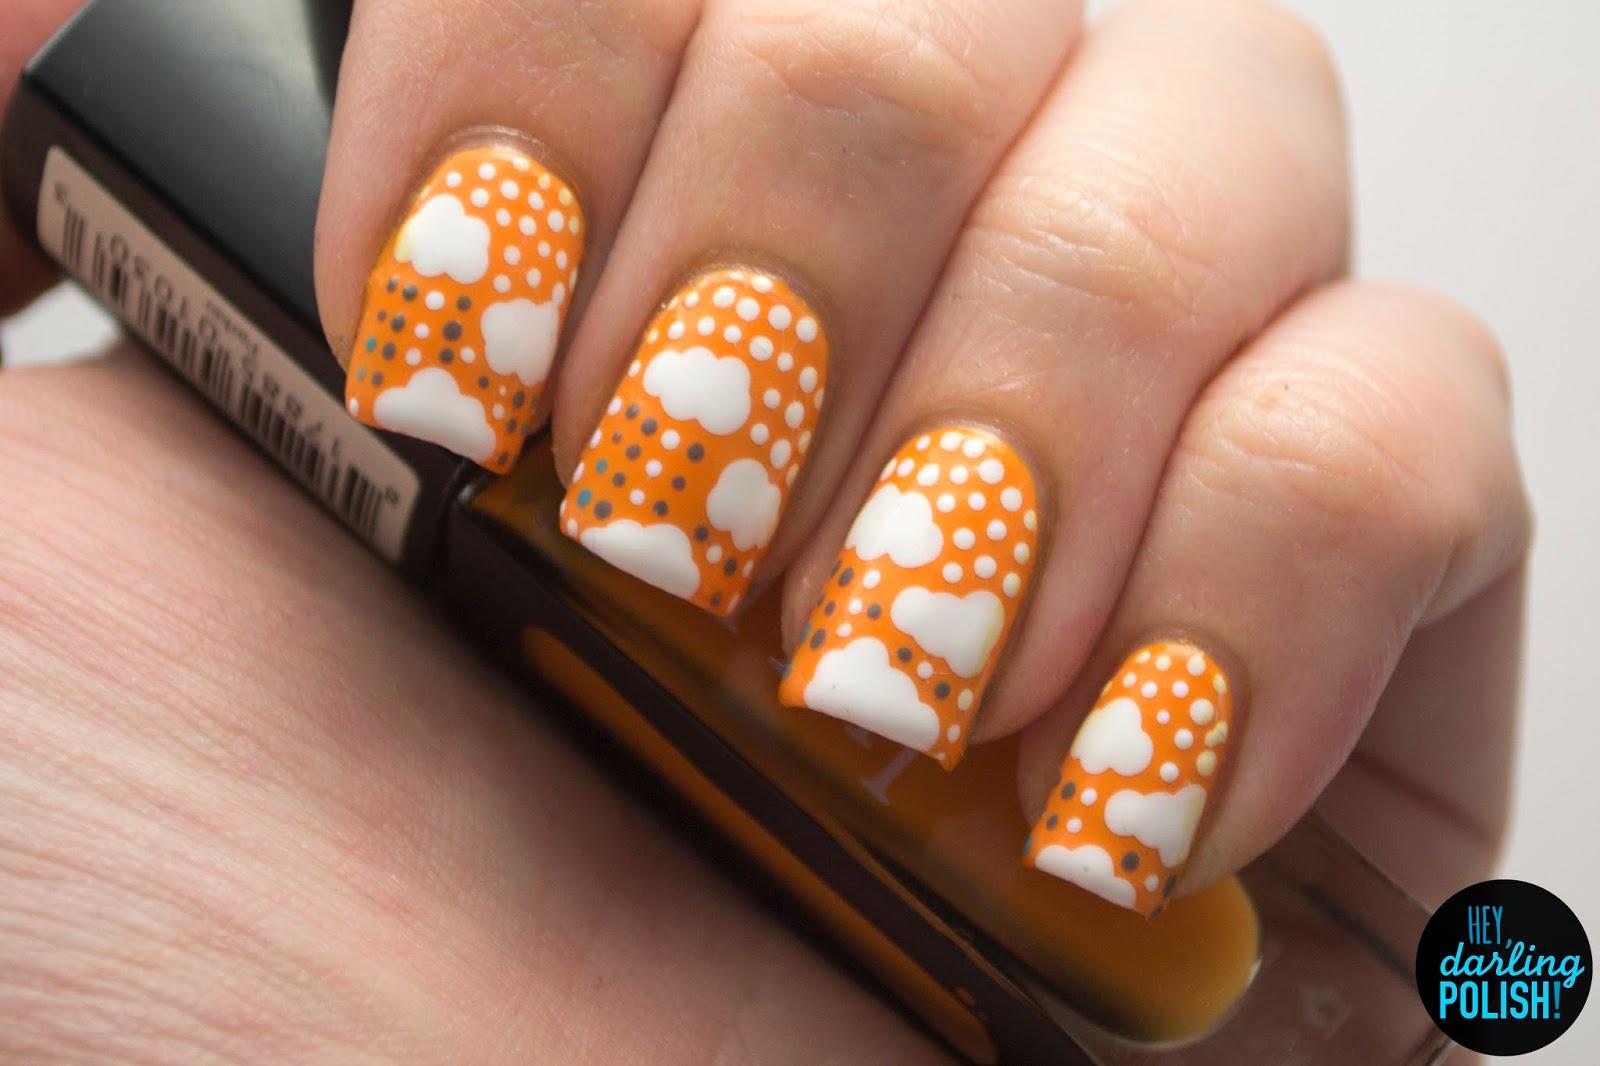 nails, nail art, nail polish, polish, clouds, dots, yellow, white, hey darling polish, n.a.i.l.,